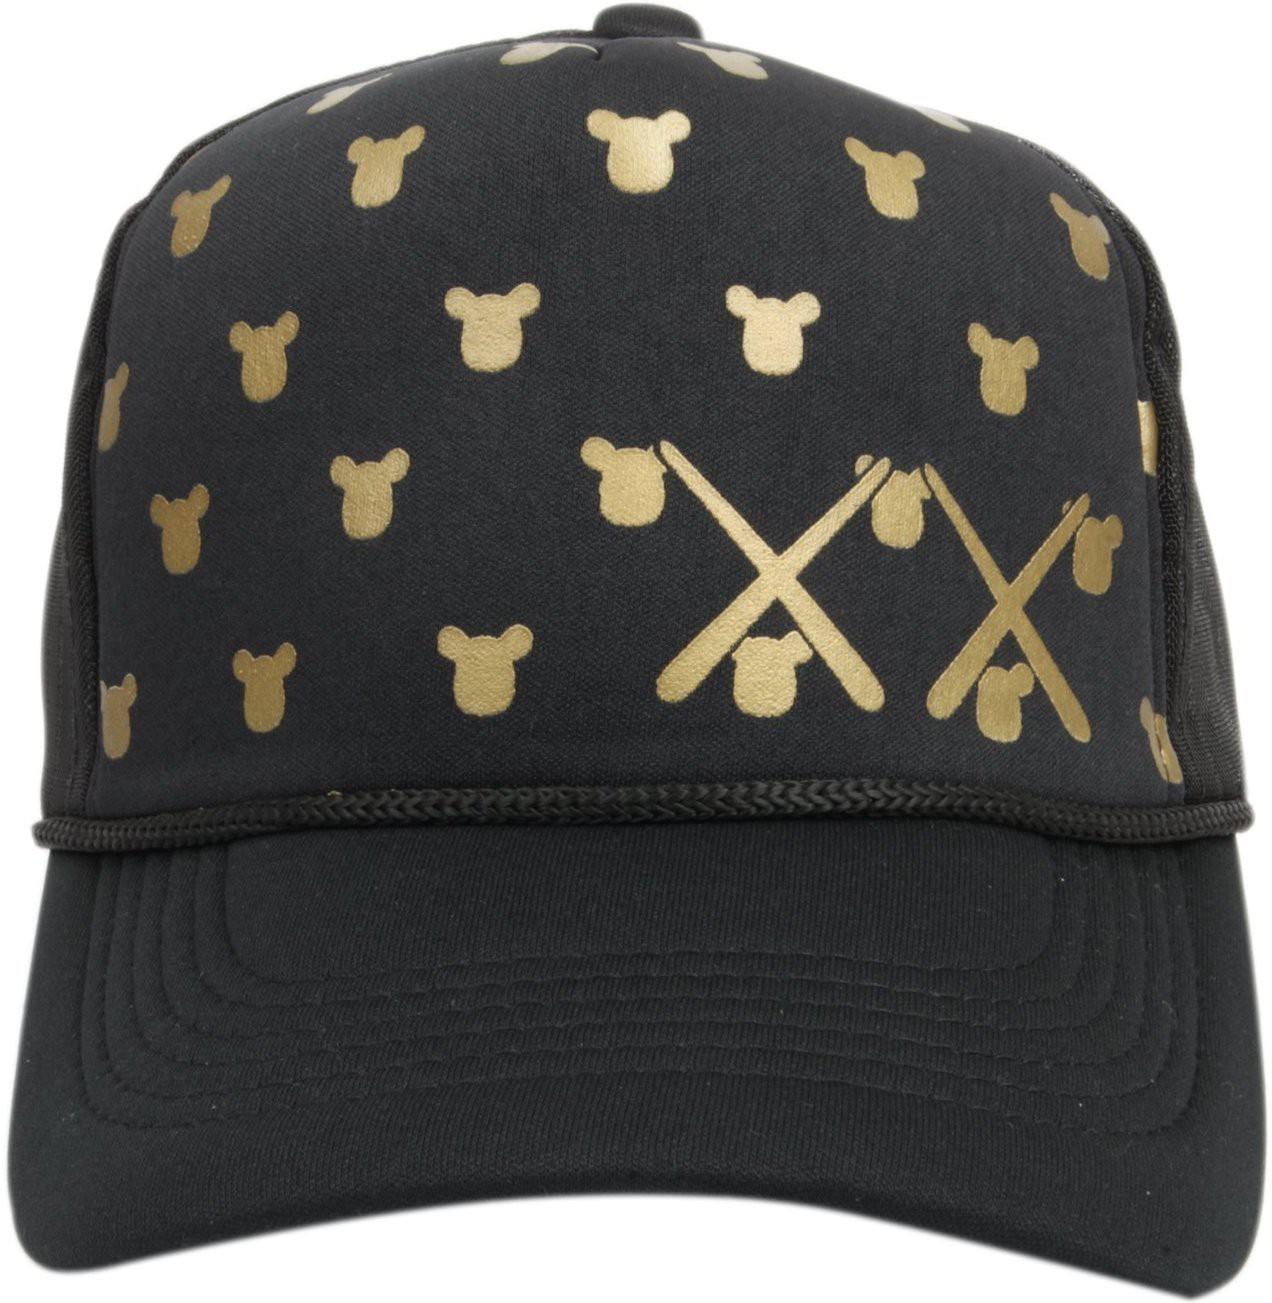 b03a683fb ILU Printed Fashion caps